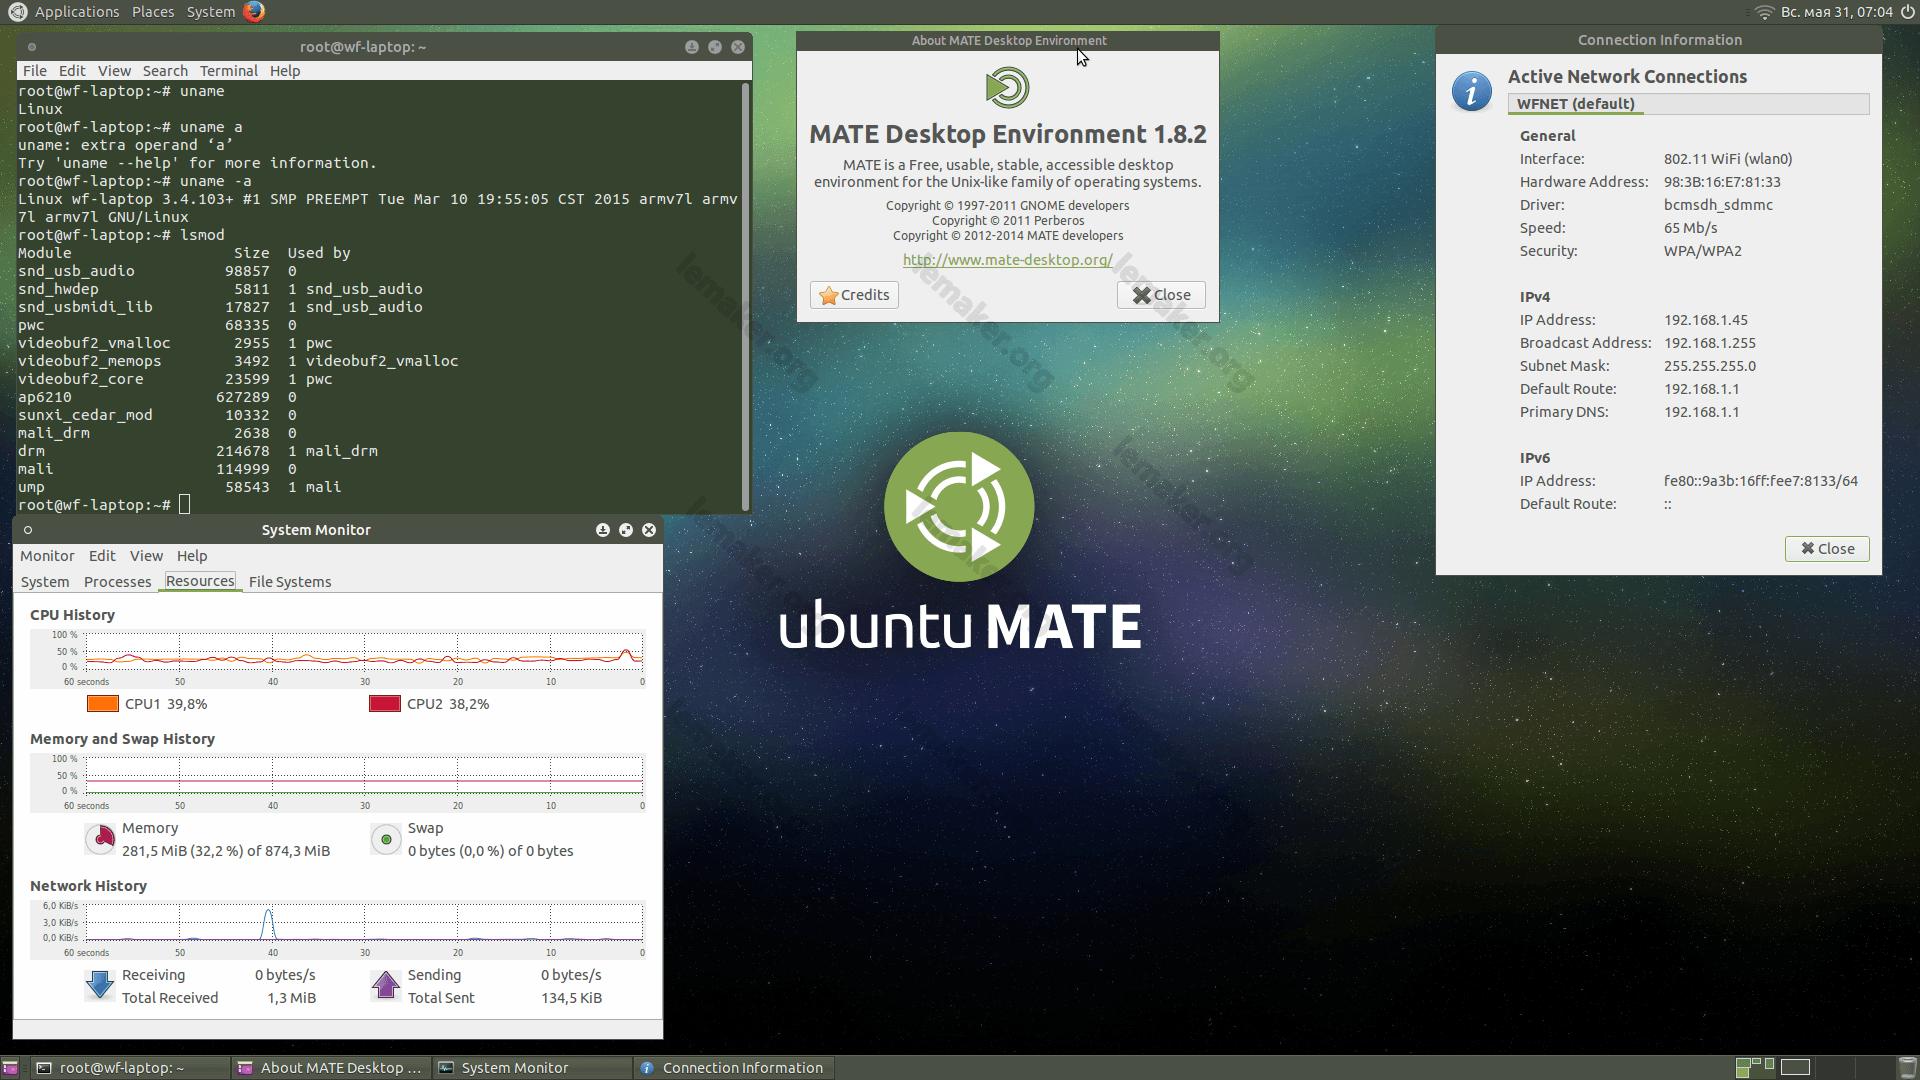 ubuntu mate 15.04 download